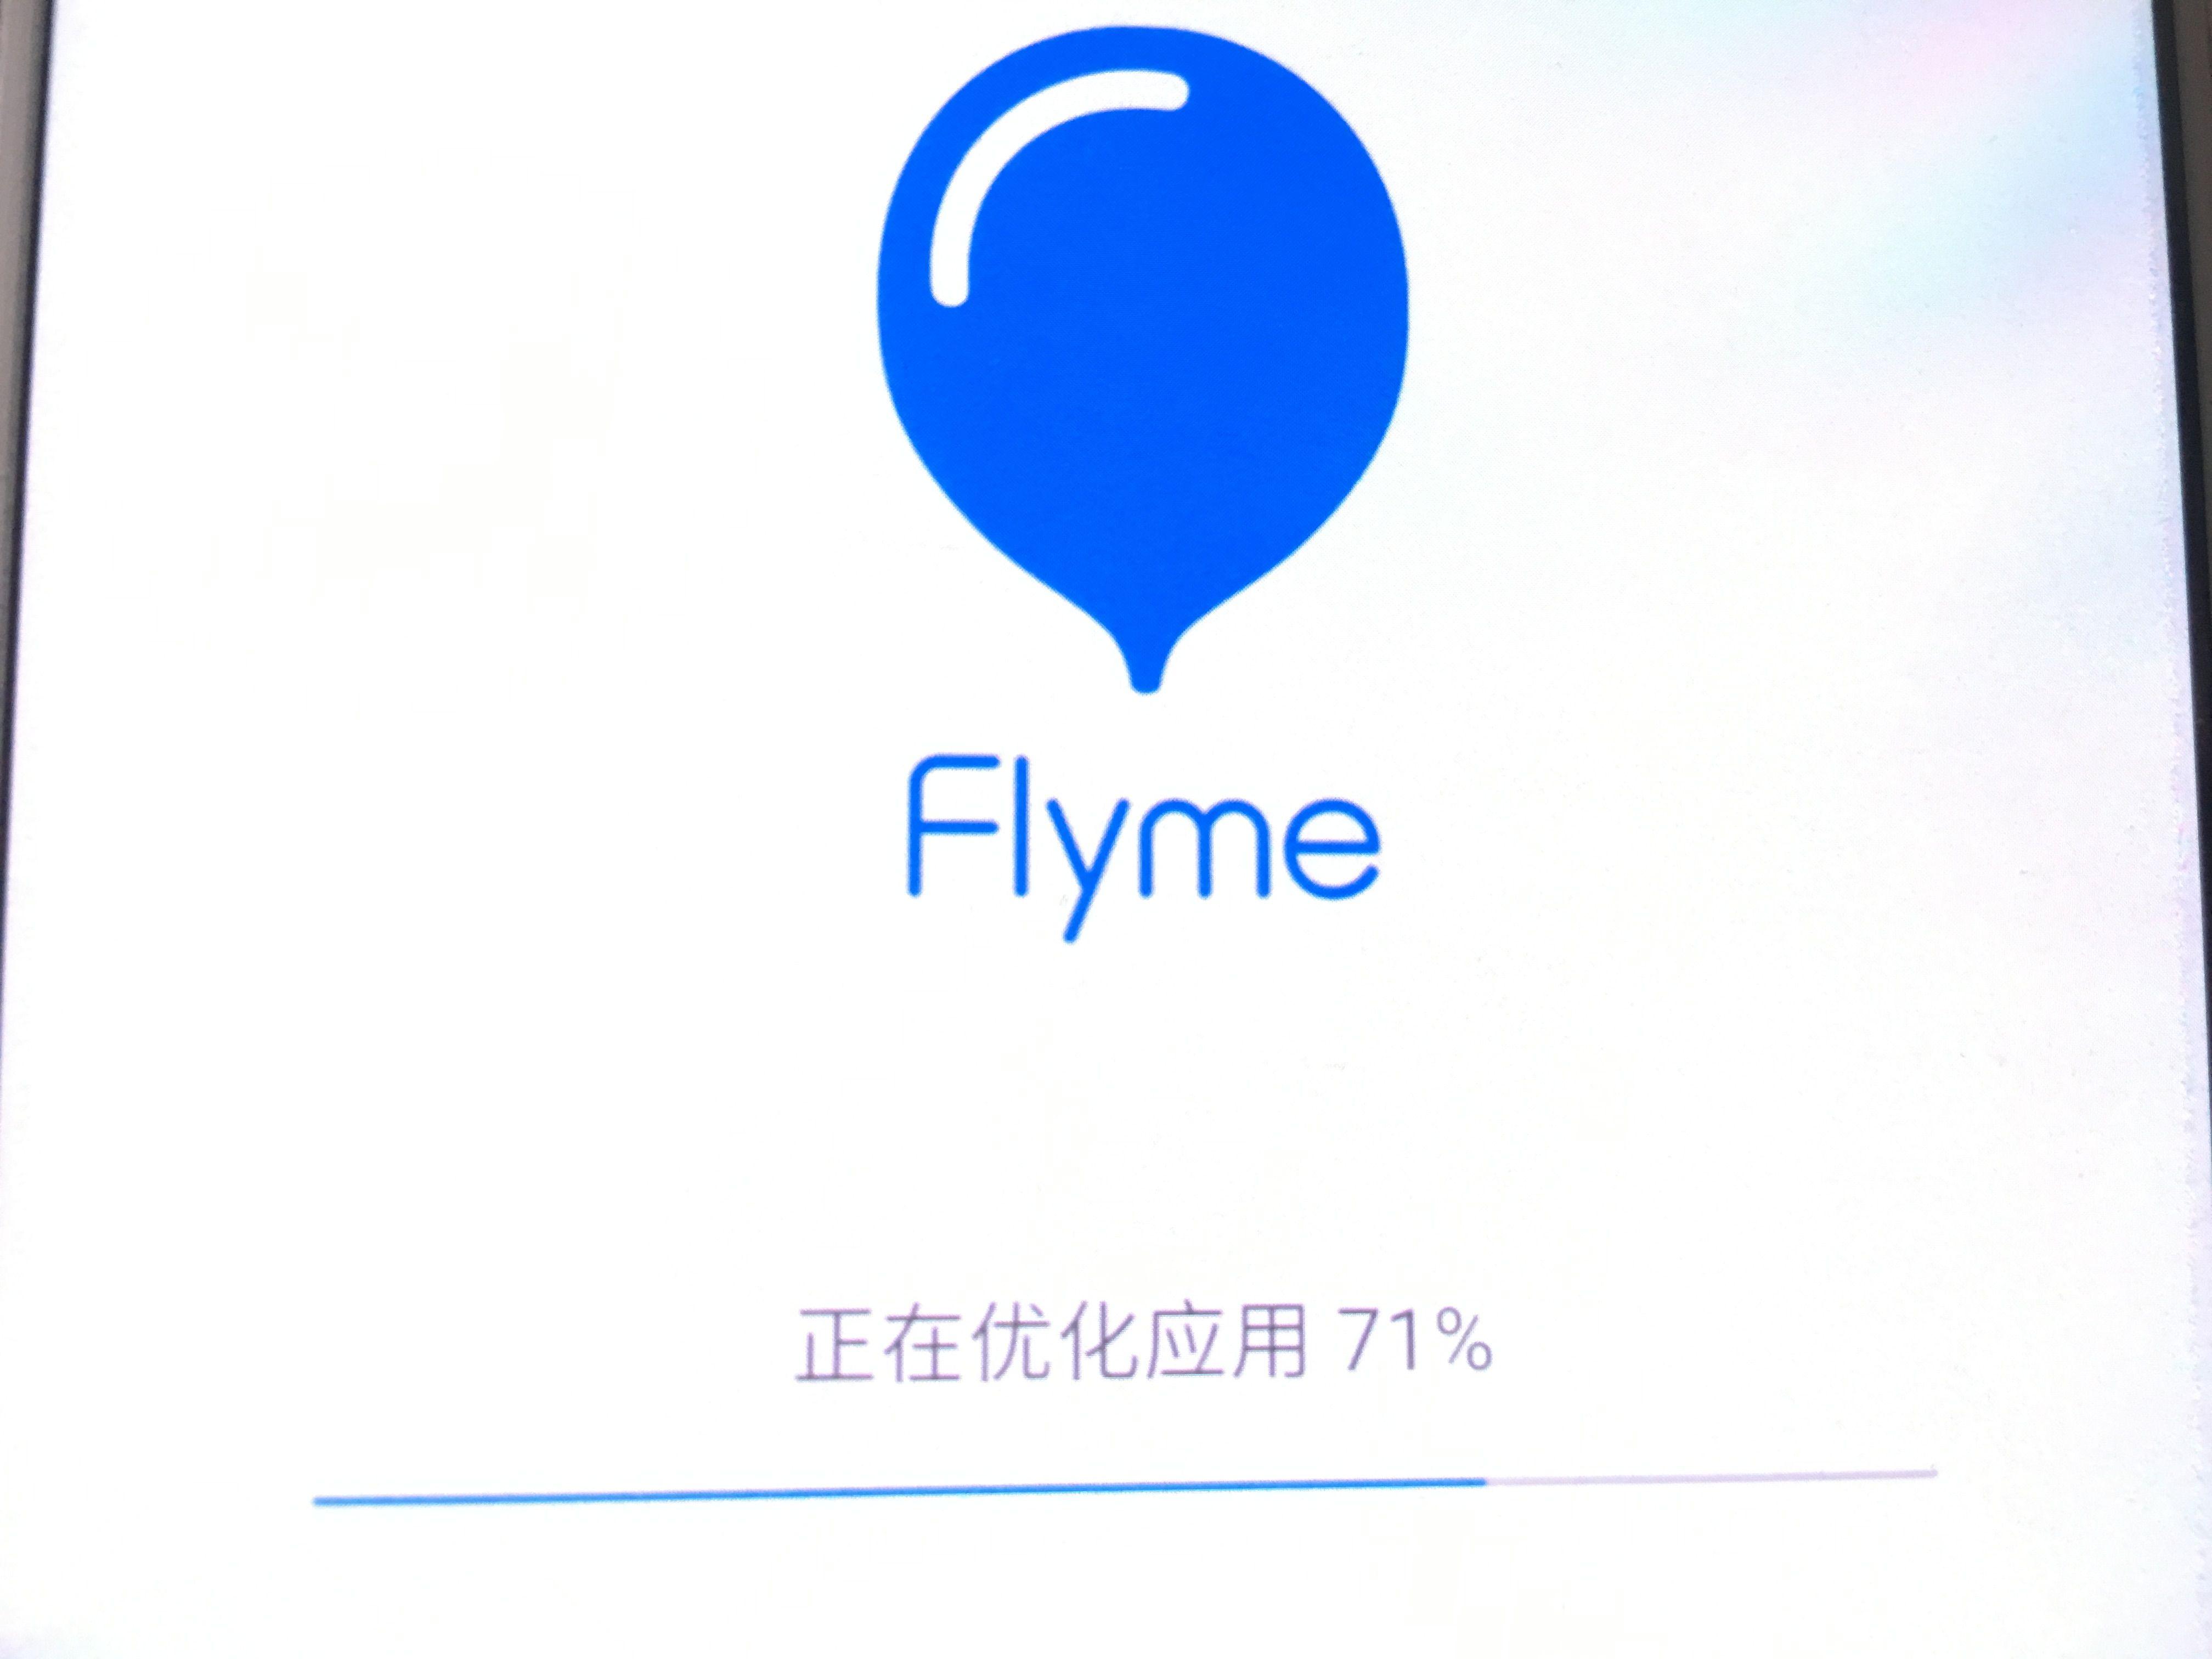 Meizu Pro 5のFlyme 5.6.5.30 dailyにてアップグレードした時のアプリ最適化画面がパーセント表示に変更されました